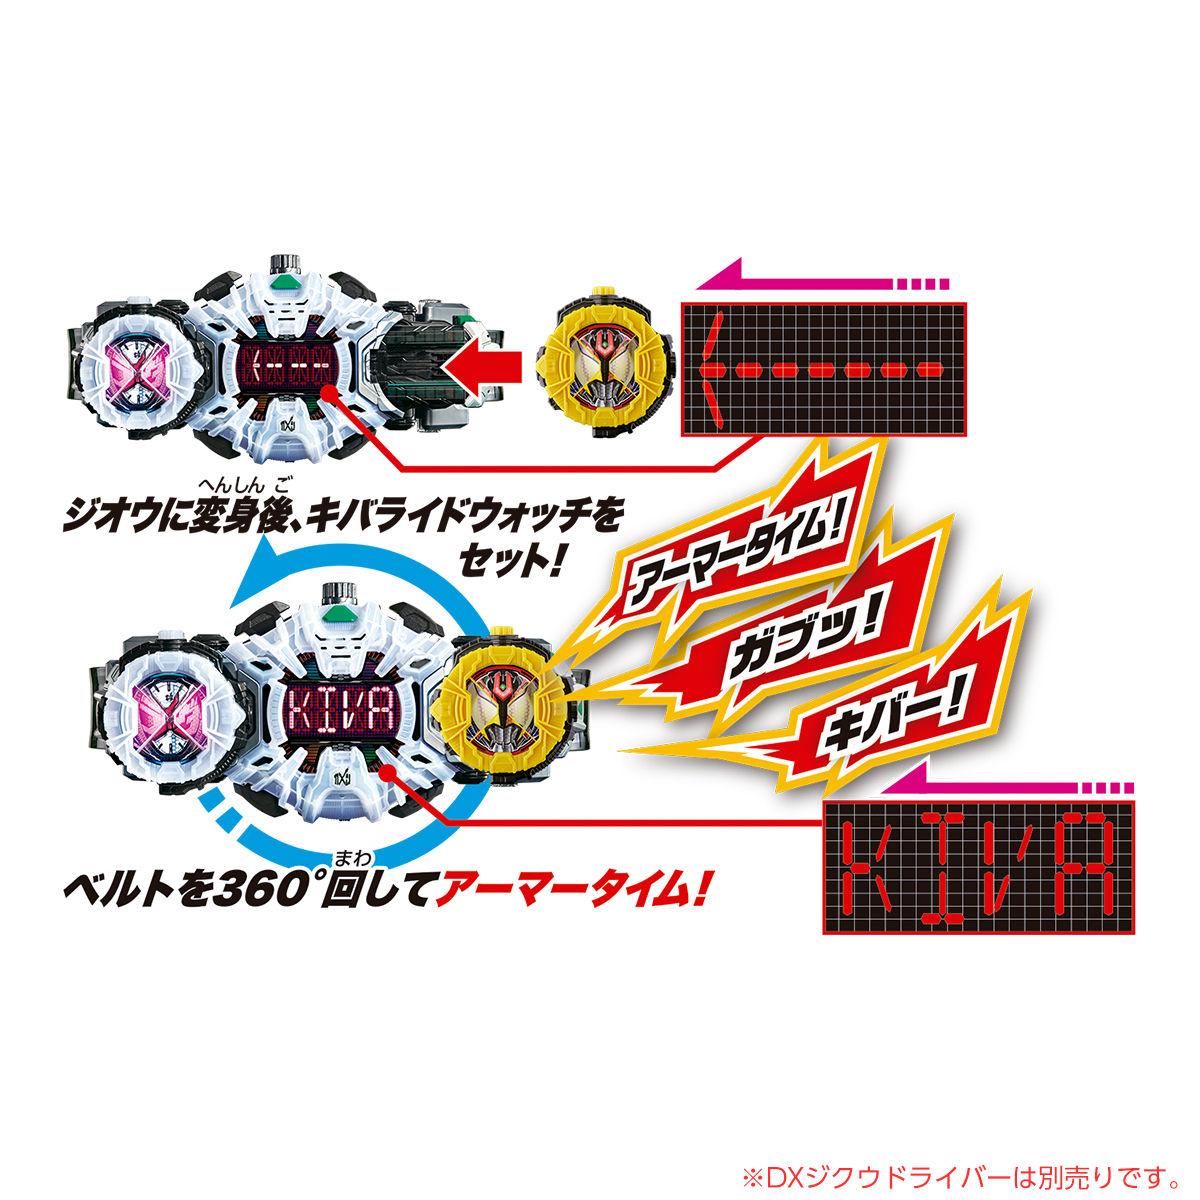 仮面ライダージオウ『DXキバライドウォッチ』変身なりきり-006